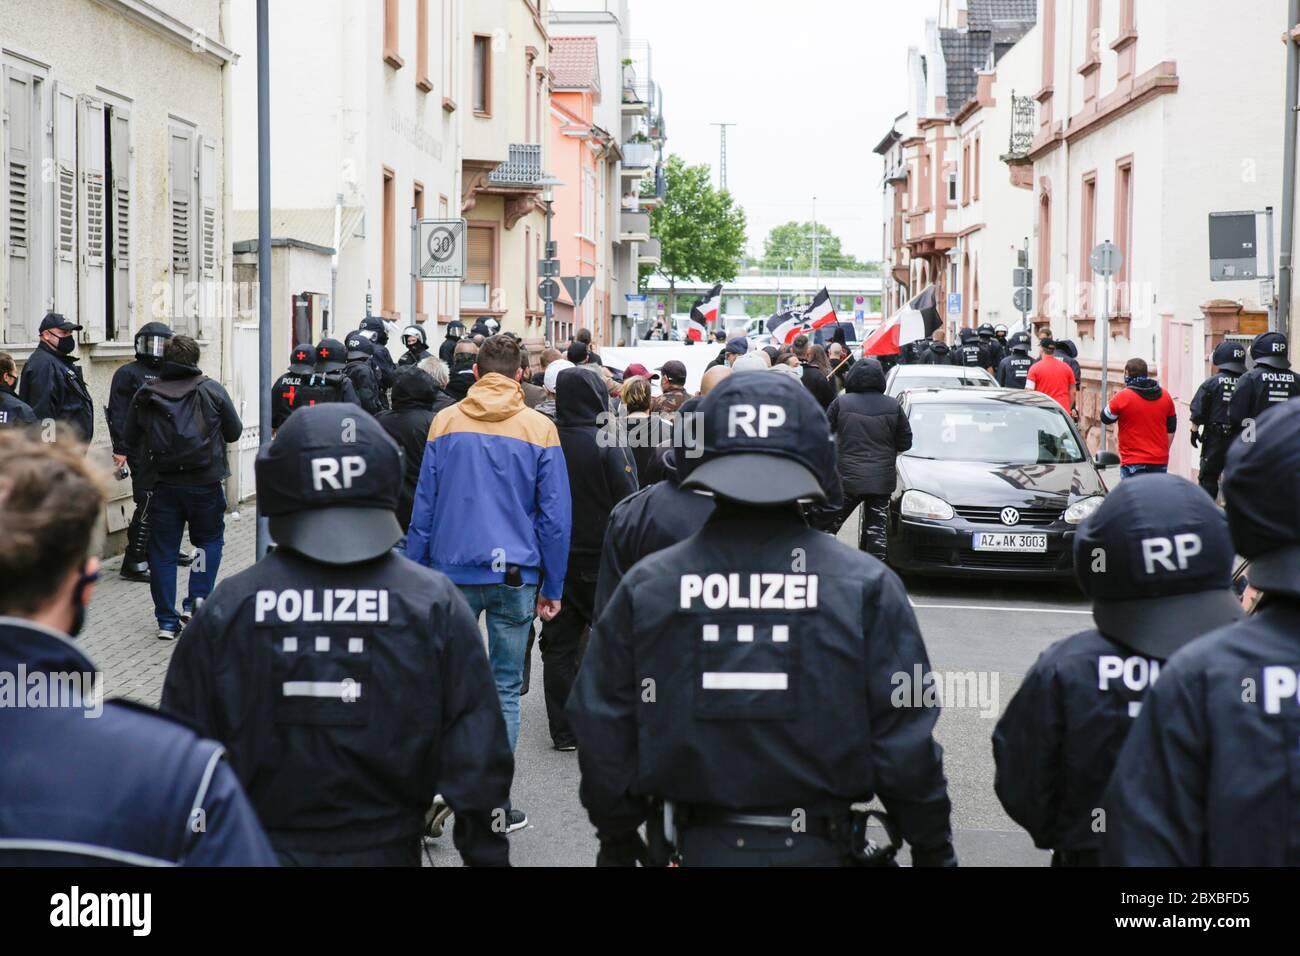 Worm, Germania. 6 giugno 2020. Gli ufficiali di polizia guardano la marcia di destra. Circa 50 manifestanti di destra hanno marciato attraverso il centro di Worms per il 12. E l'ultimo 'giorno del futuro tedesco'. La marcia è stata ridotta a causa di diverse centinaia di contronestori che hanno bloccato la strada della marcia di destra. la marcia è stata un evento annuale di destra in diverse città tedesche che ha attirato oltre 1000 manifestanti al suo massimo livello. Foto Stock